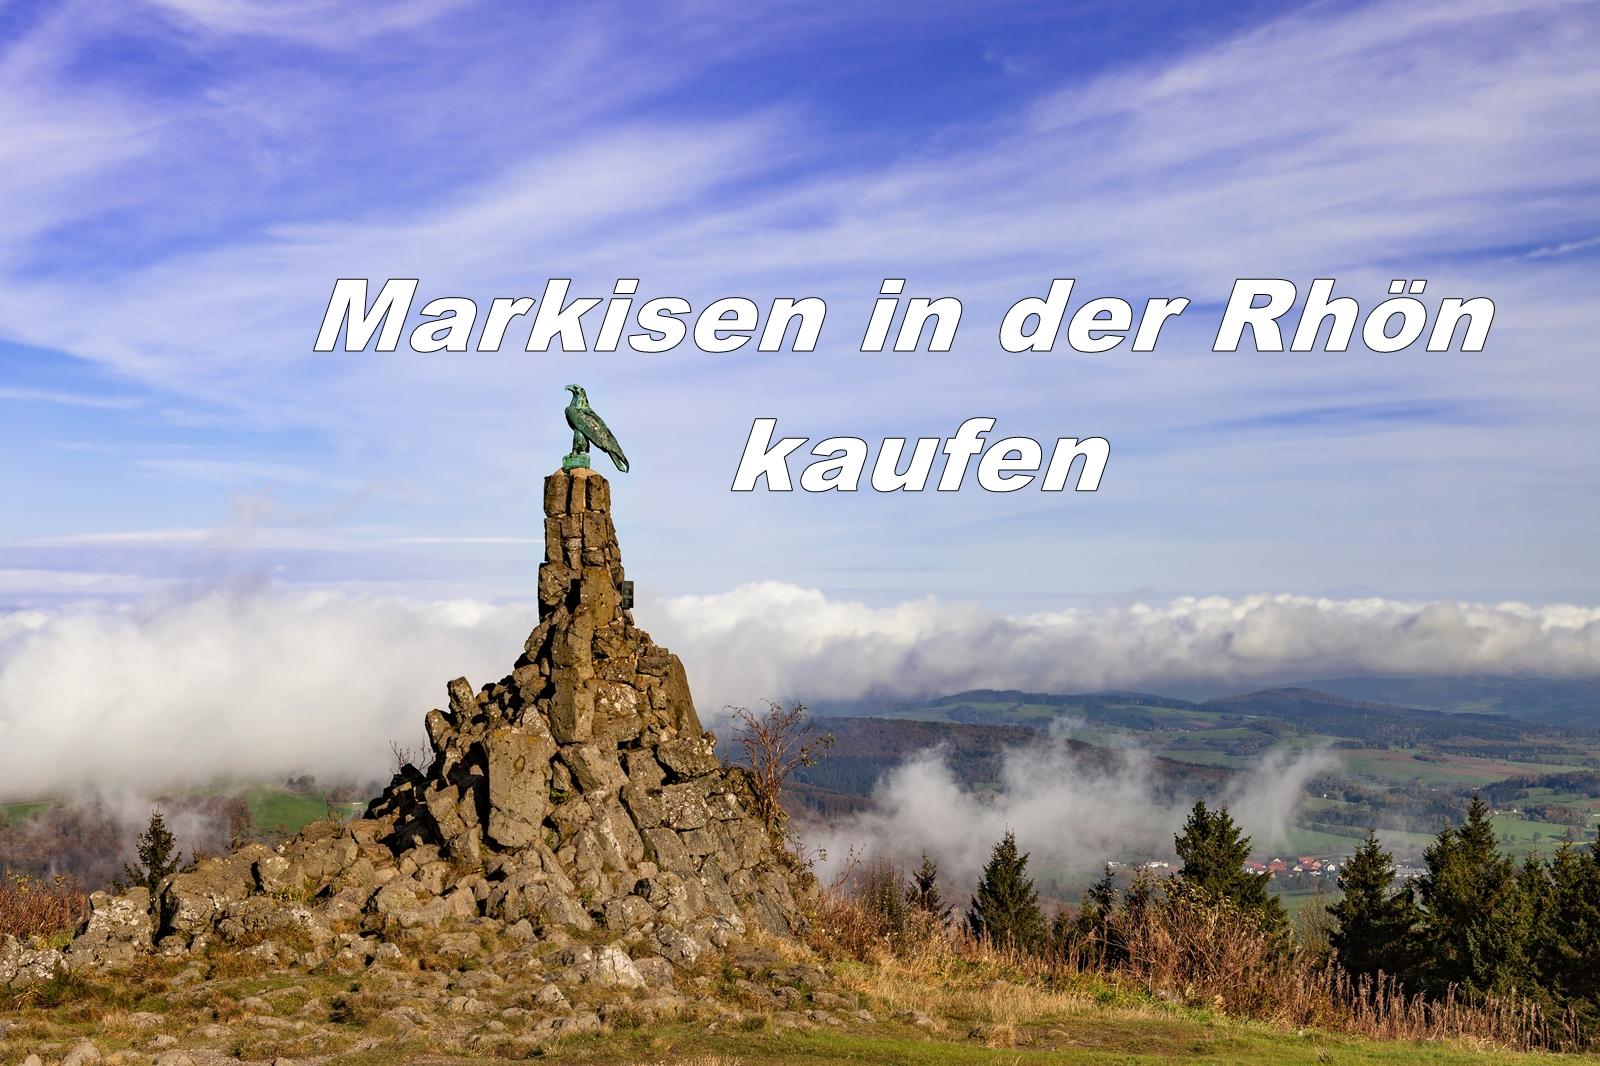 Rh-nmarkisen-Markisen-in-der-Rh-n-kaufen2